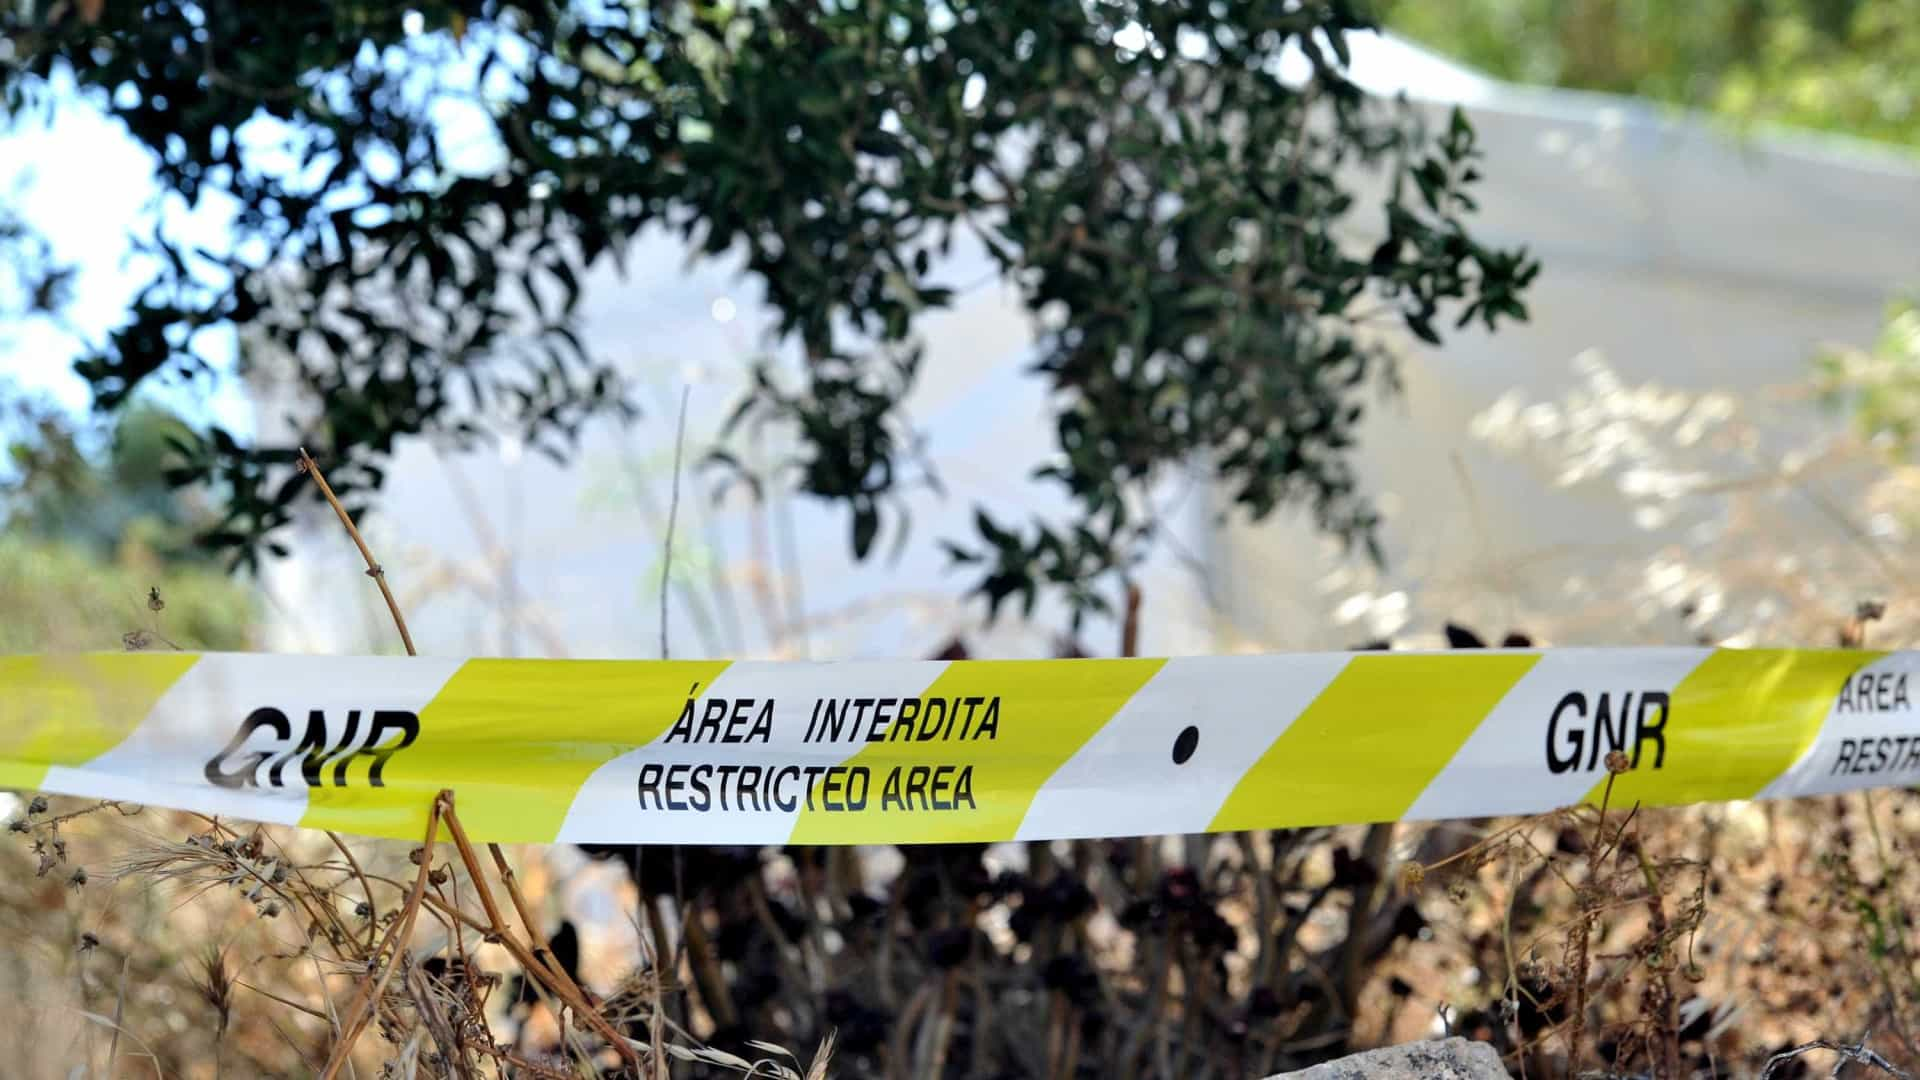 Idoso desaparecido há semanas encontrado morto perto de casa